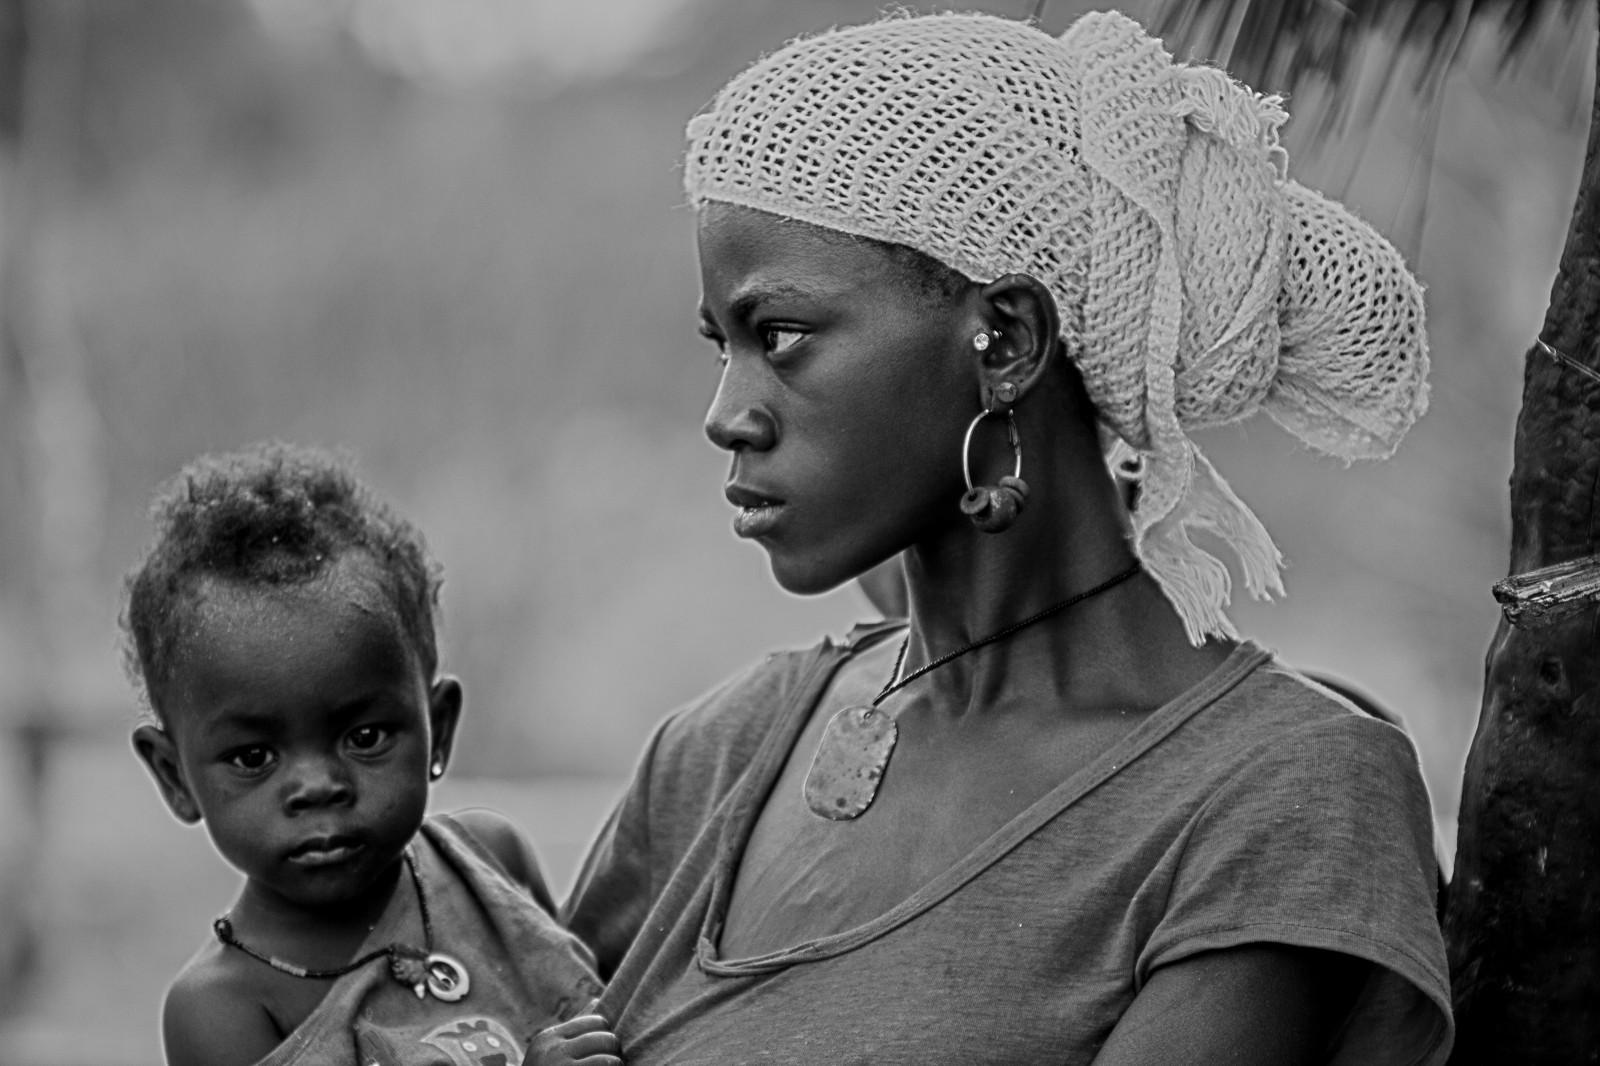 Fond d 39 cran portrait femme blanc noir monochrome for Fond ecran portrait